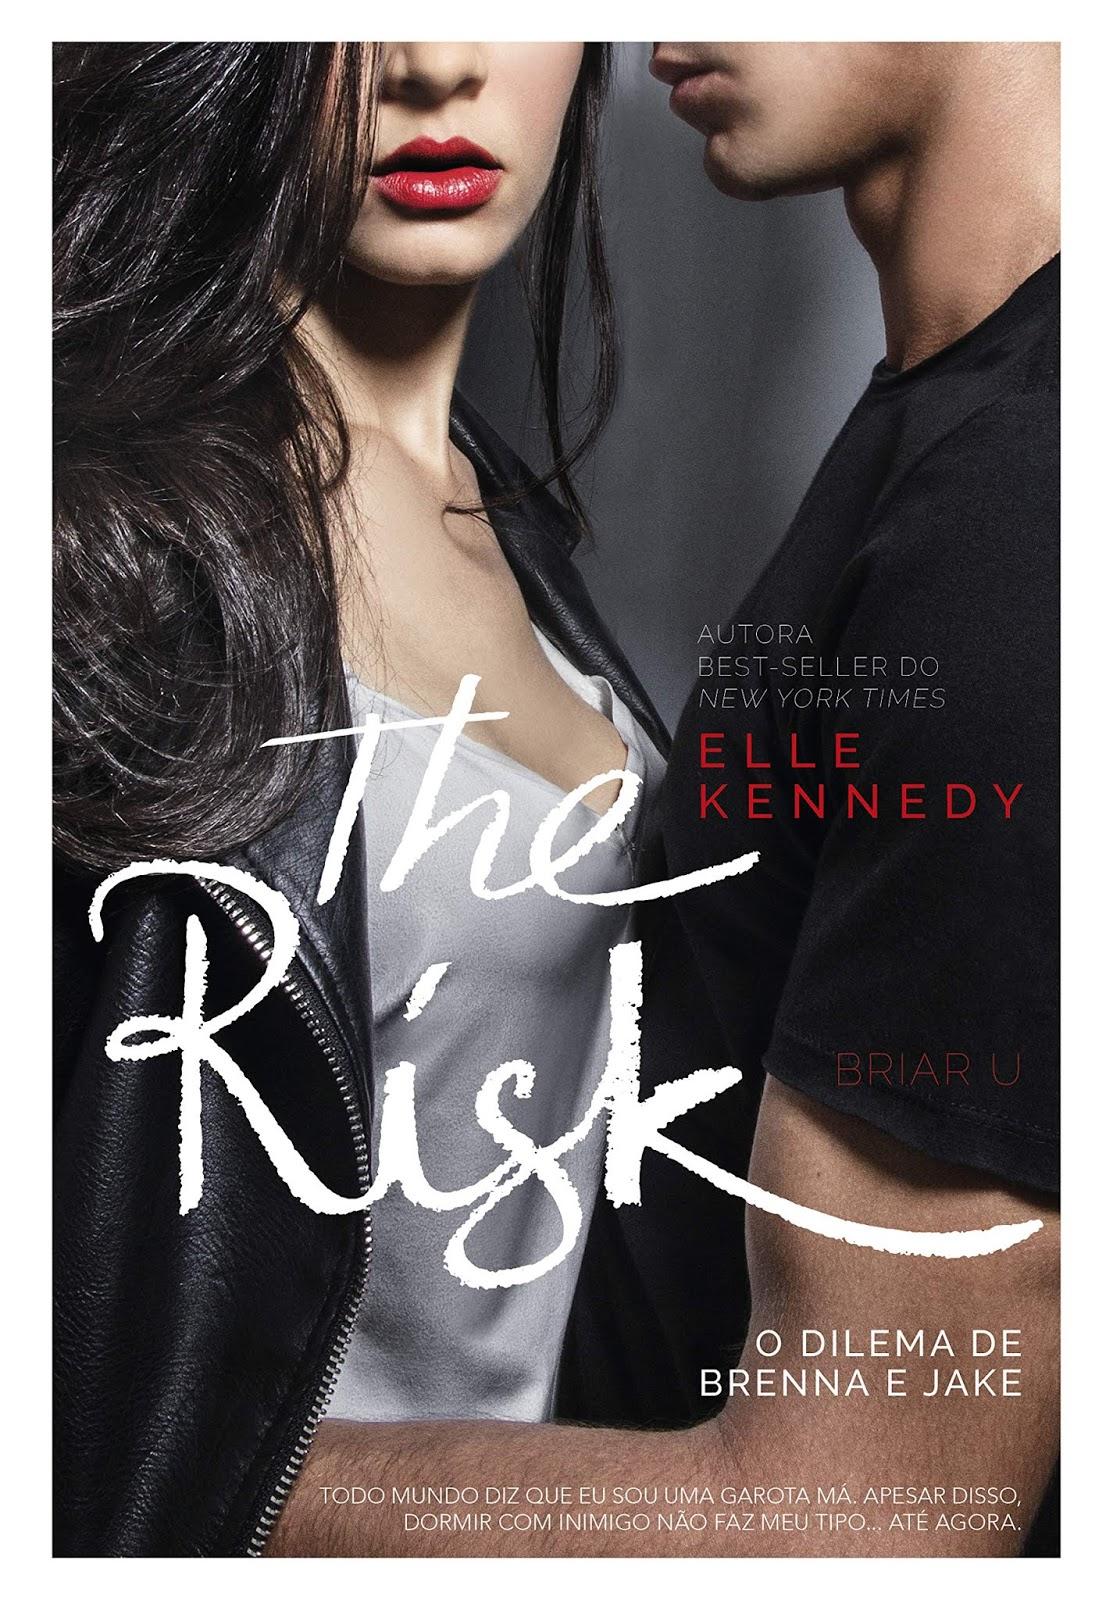 The Risk O Dilema De Brenna E Jake Briar U Livro 2 Elle Kennedy Editoraparalela Meu Vicio Em Livros